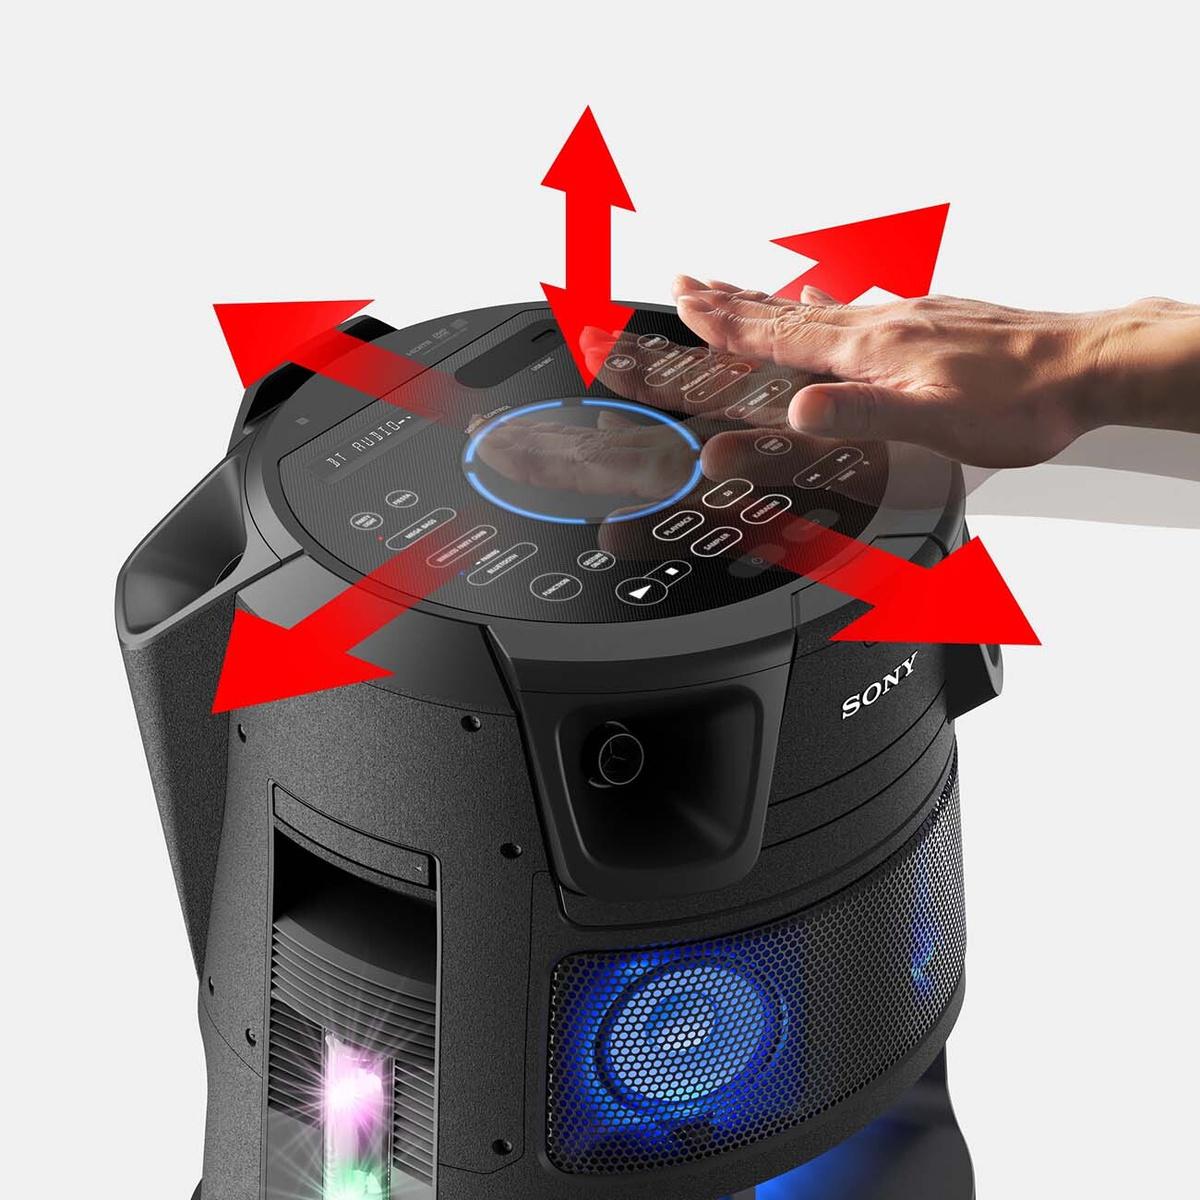 Управление жестами аудиосистемой Sony MHC-V83D